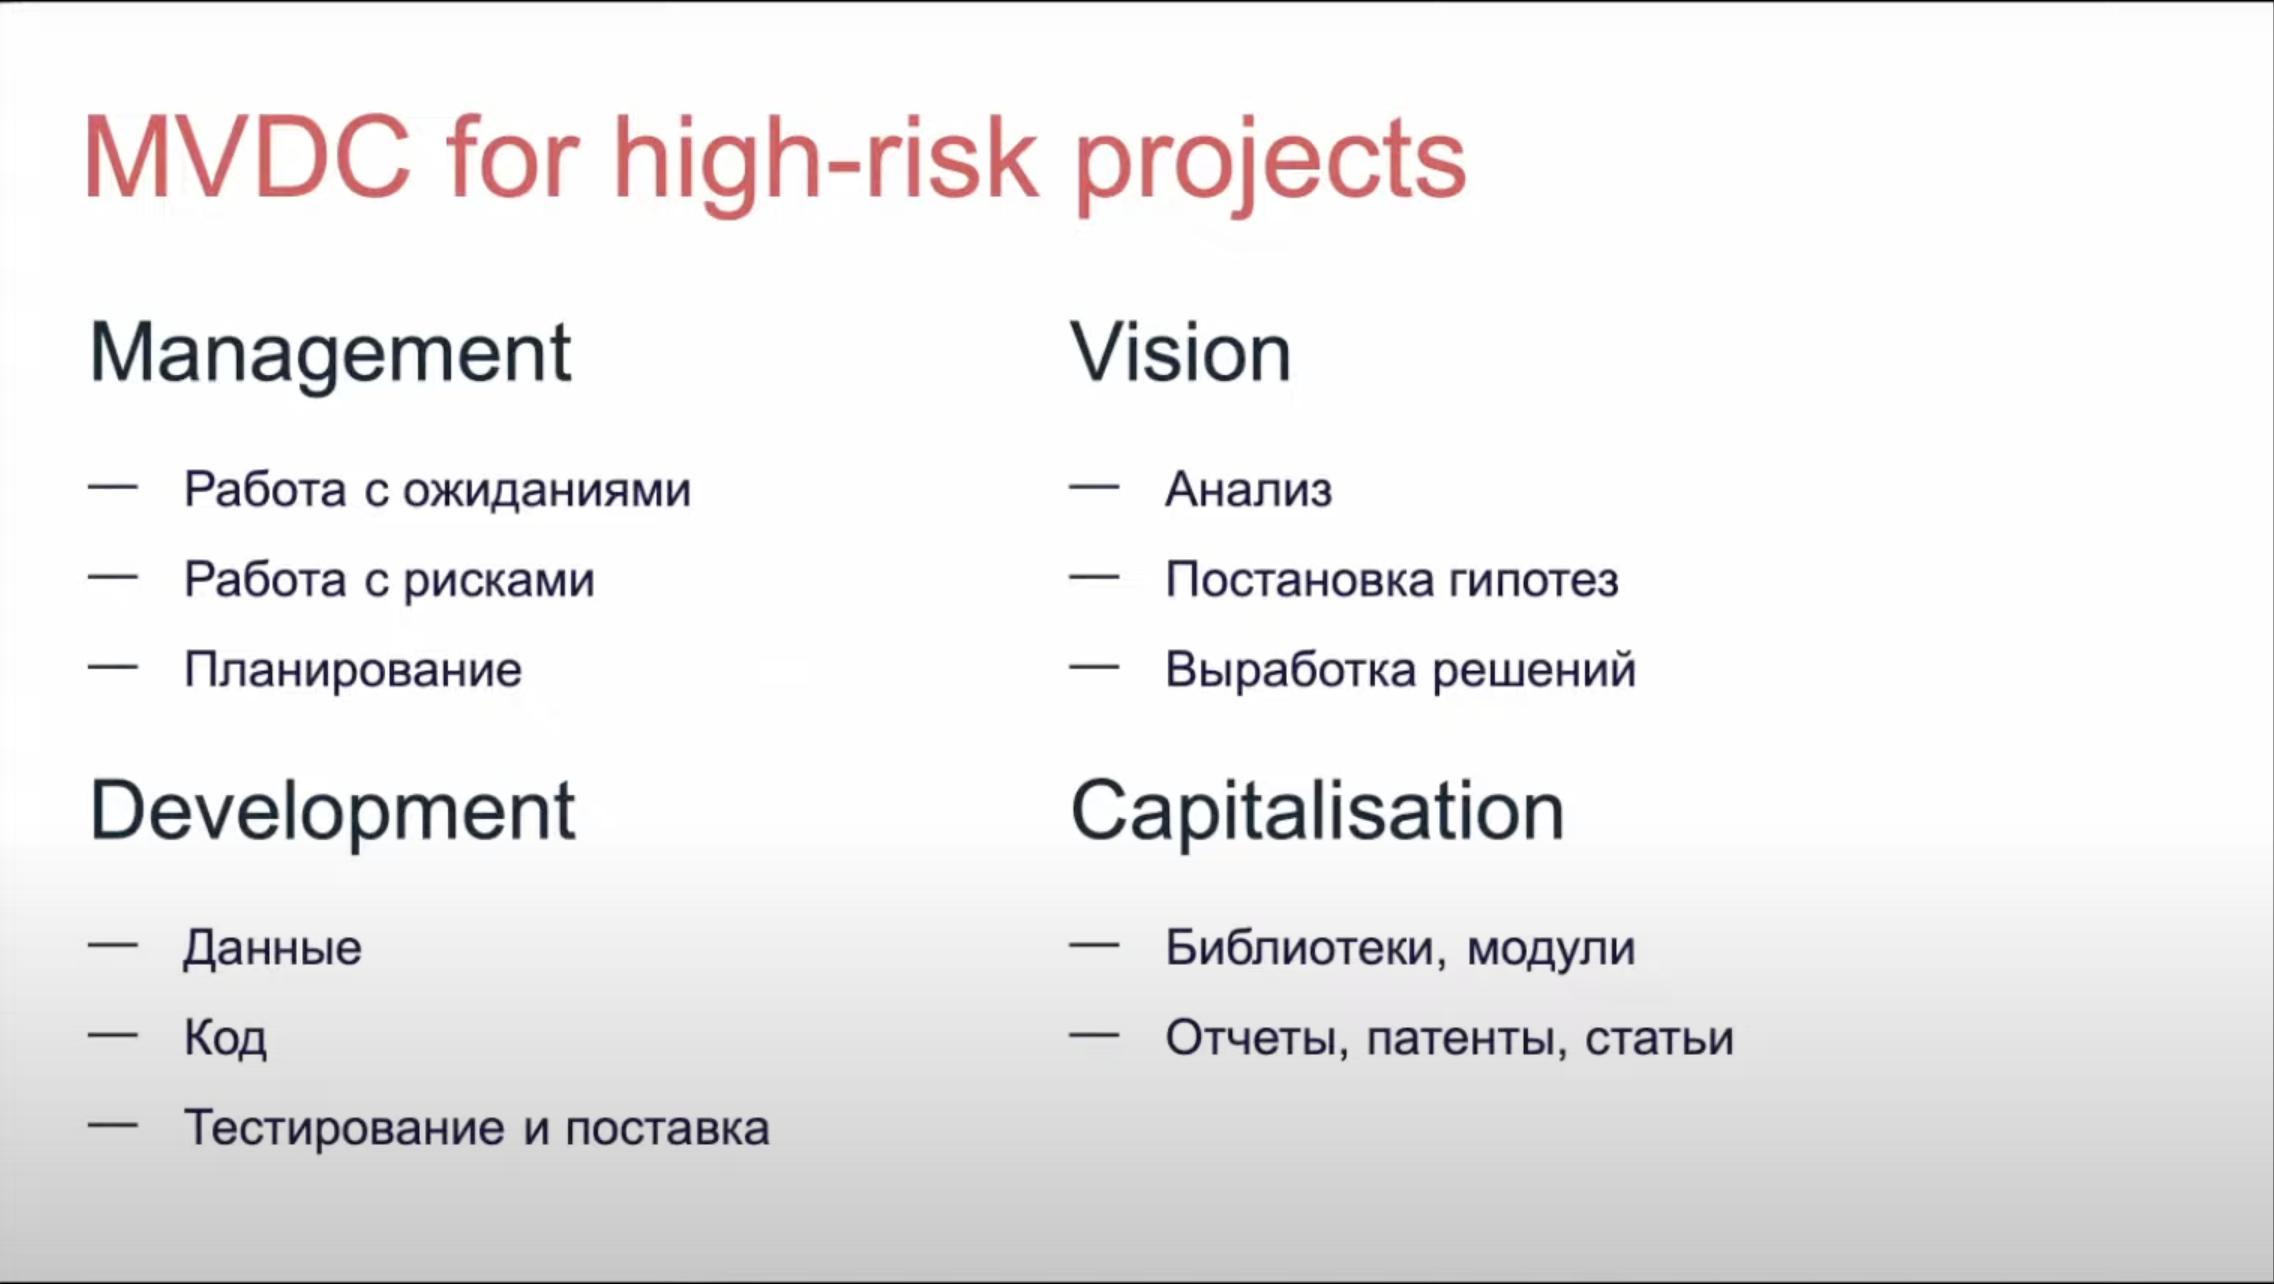 Собственная методология разработки R&D-проектов в AI, от идеи до создания - 4